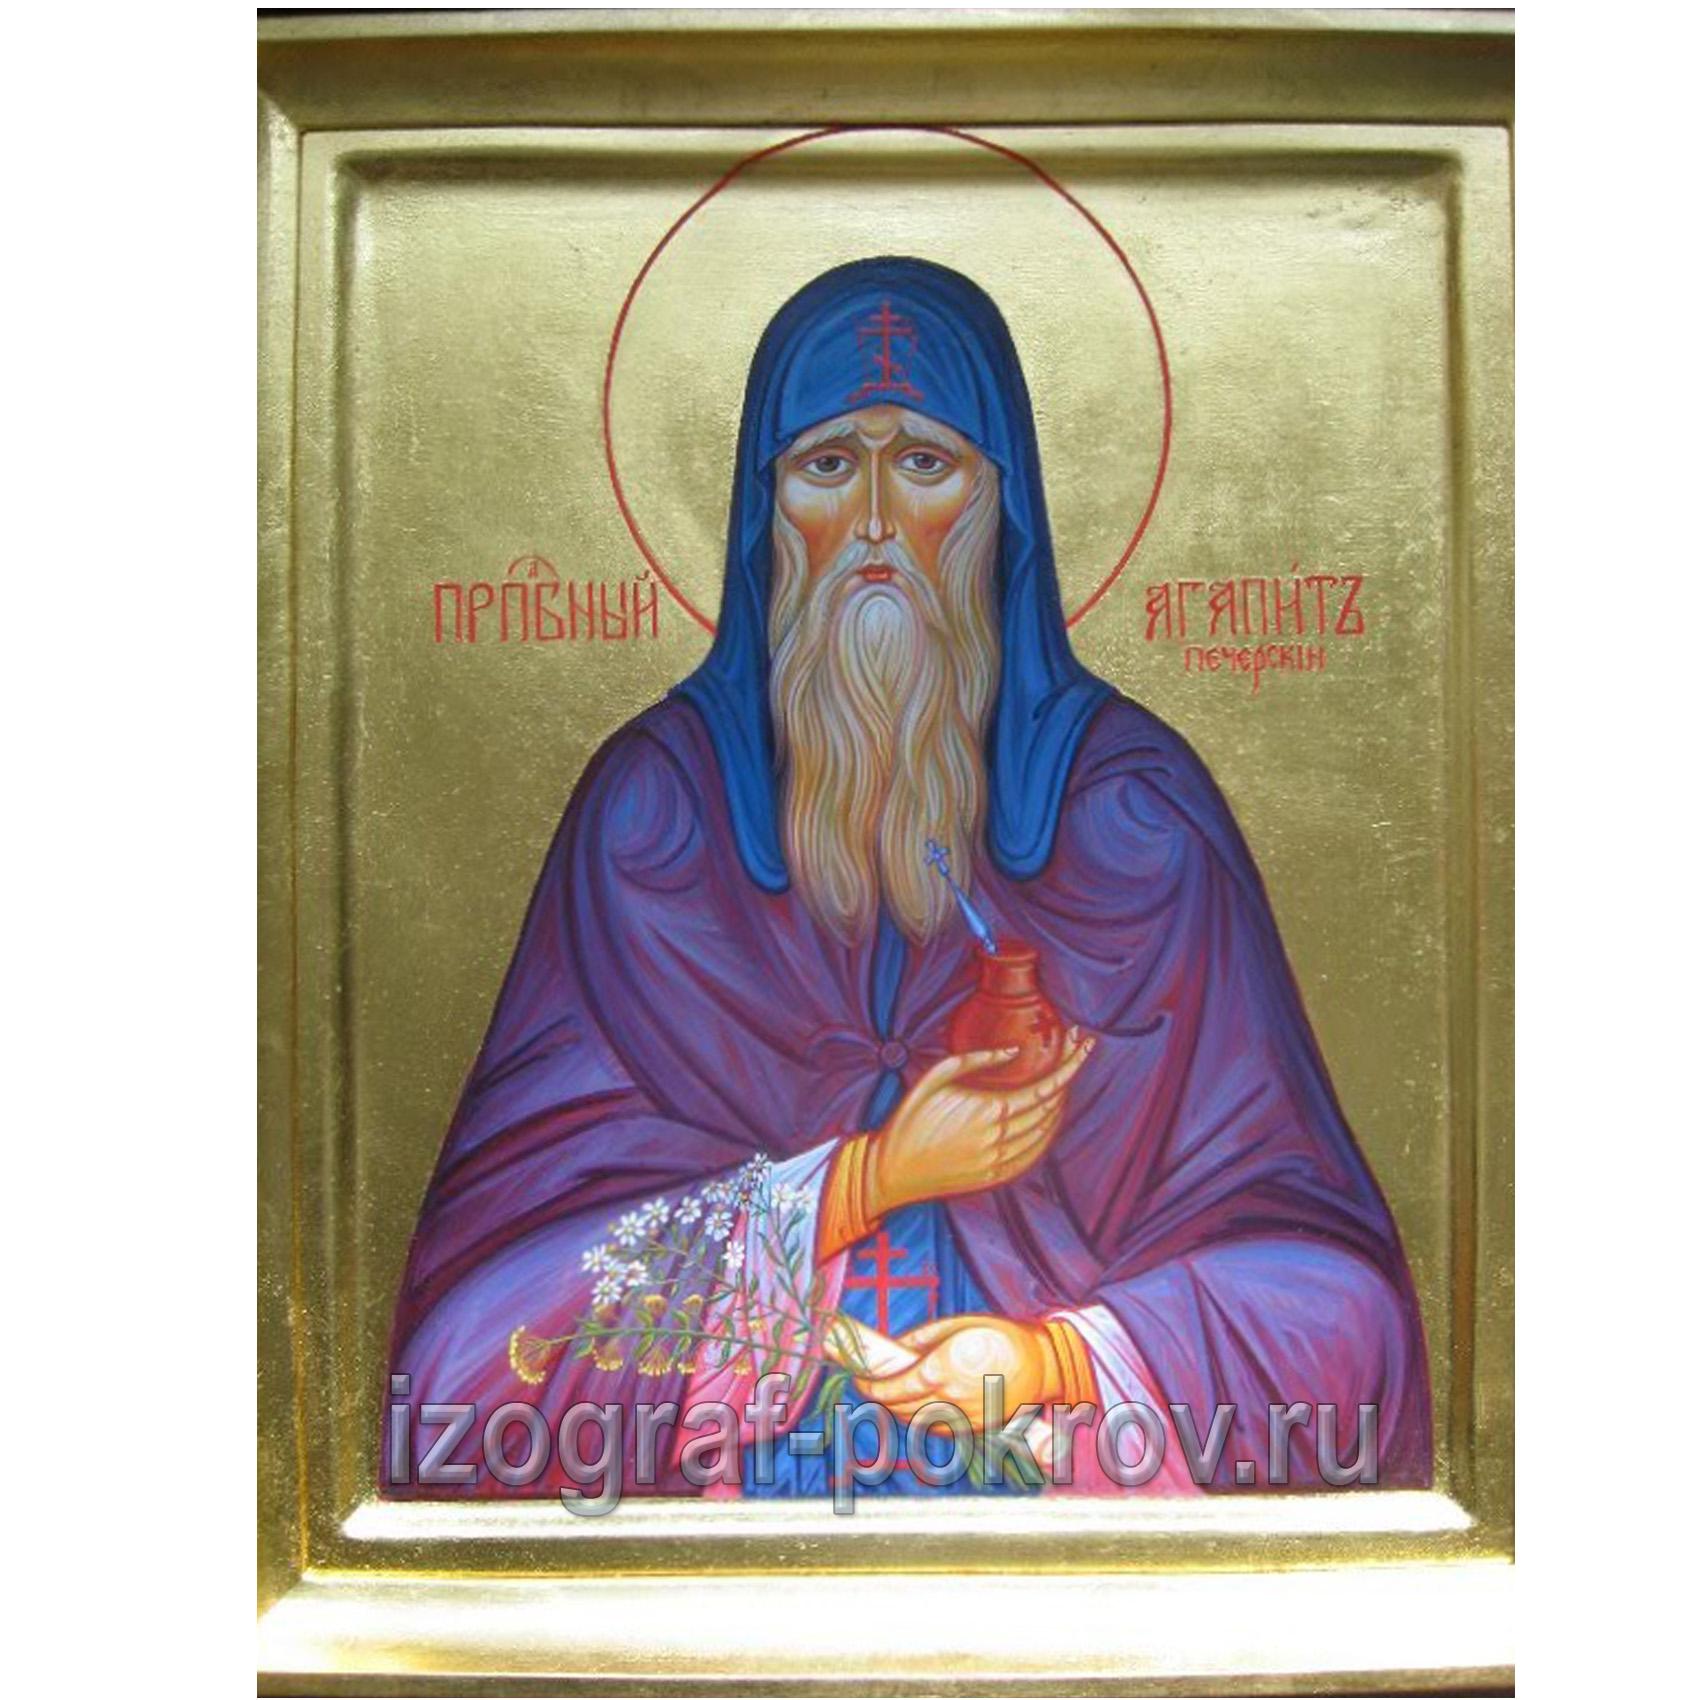 Икона для храма Агапит Печерский преподобный на золоте